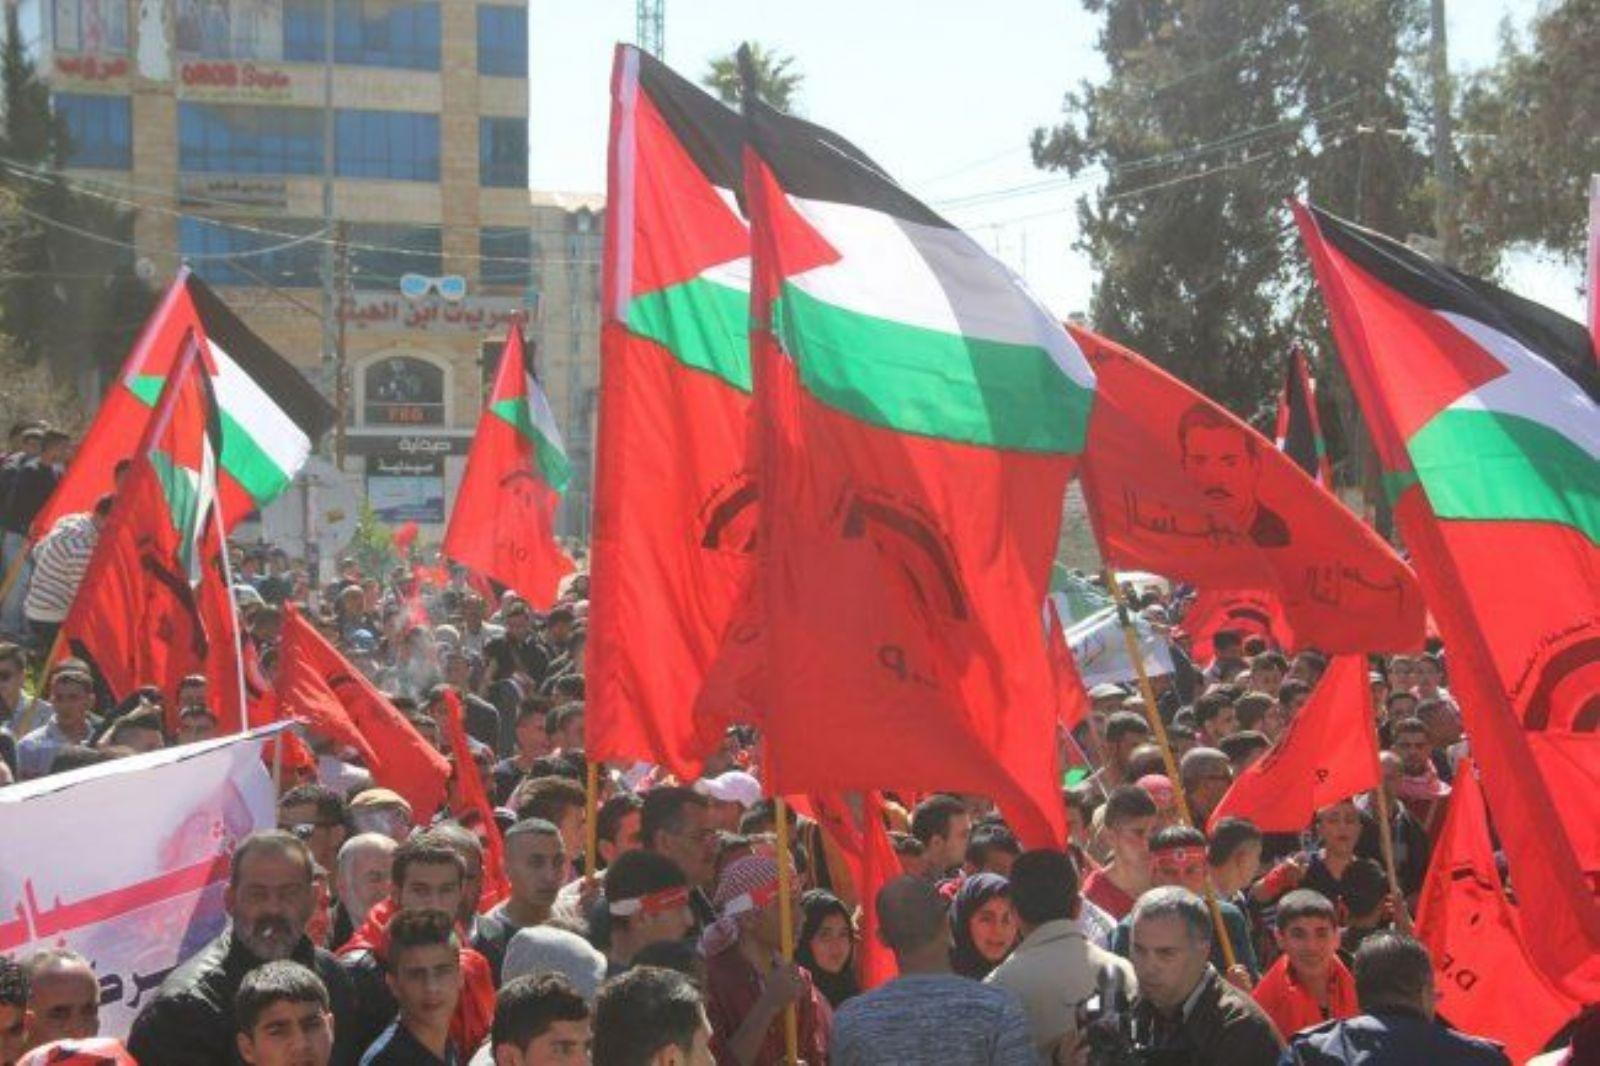 «الديمقراطية»: إزالة الخارجية الأميركية اسم السلطة عن خارطة فلسطين خطوة عدوانية تمهد لضم الضفة لإسرائيل